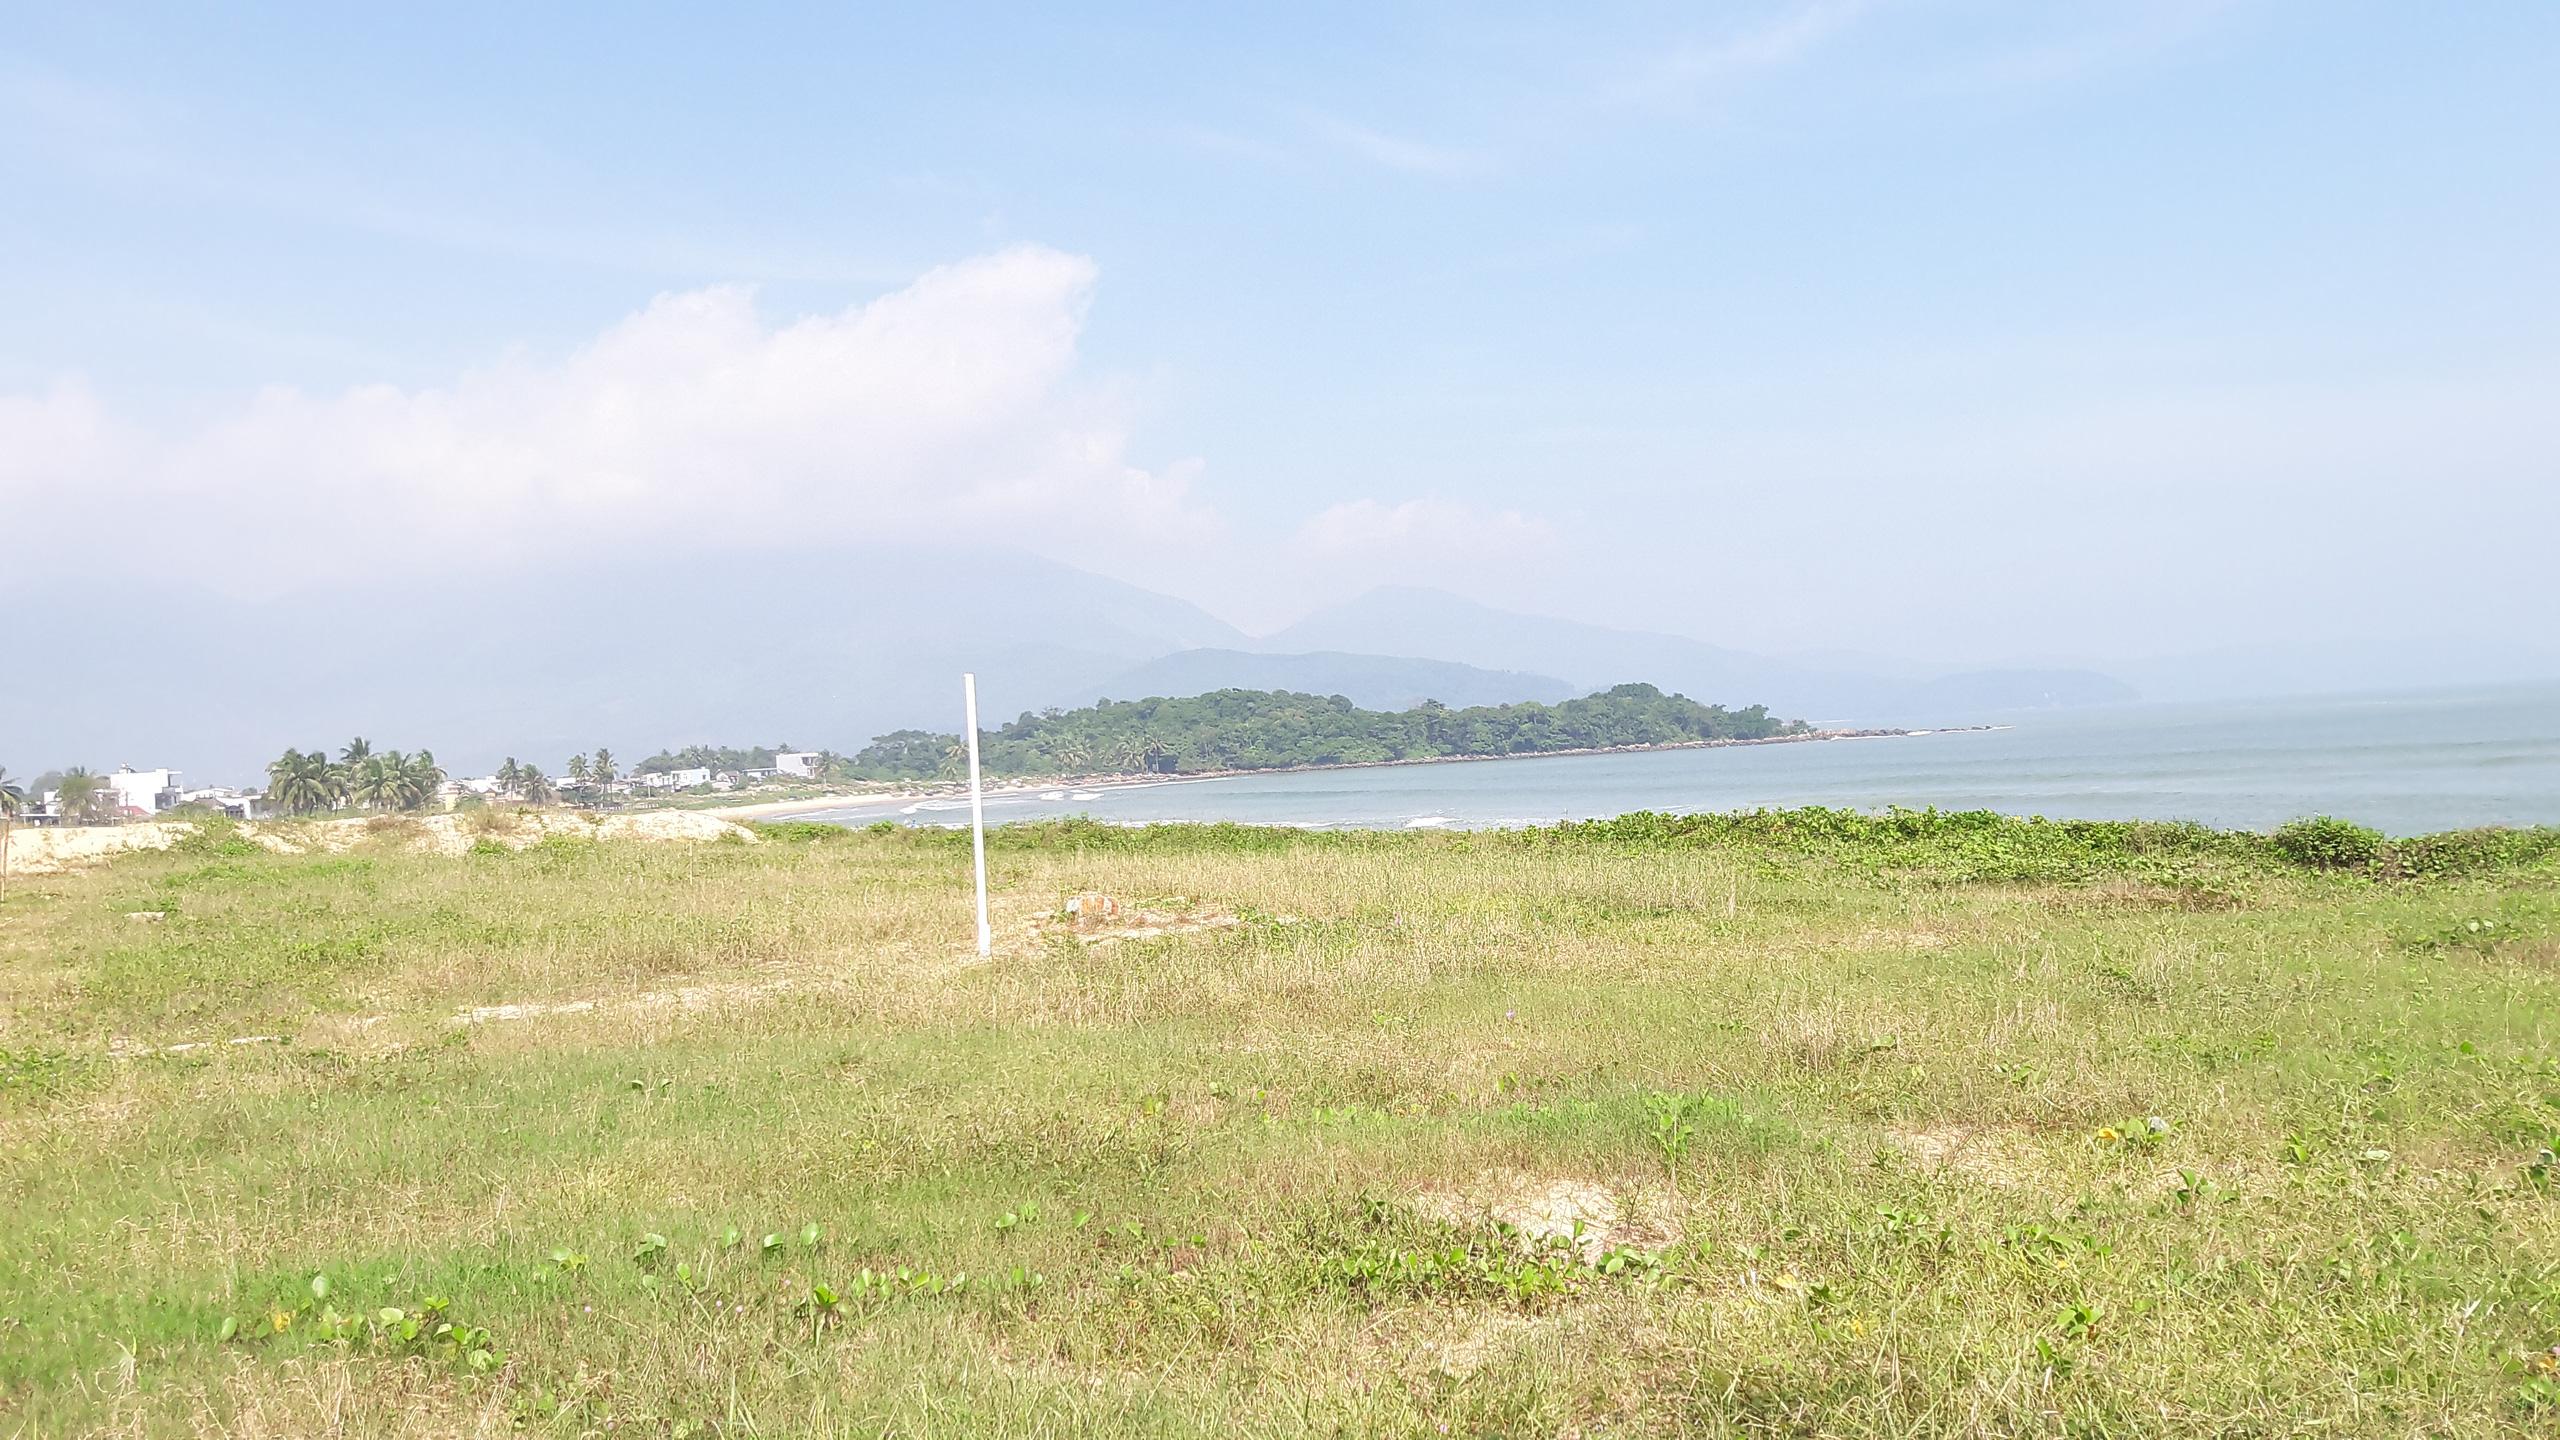 Đà Nẵng nghiên cứu làm đường xuyên dự án Khu du lịch Nam Ô đến Cảng Liên Chiểu, Tập đoàn Trung Thủy nói gì? - Ảnh 1.